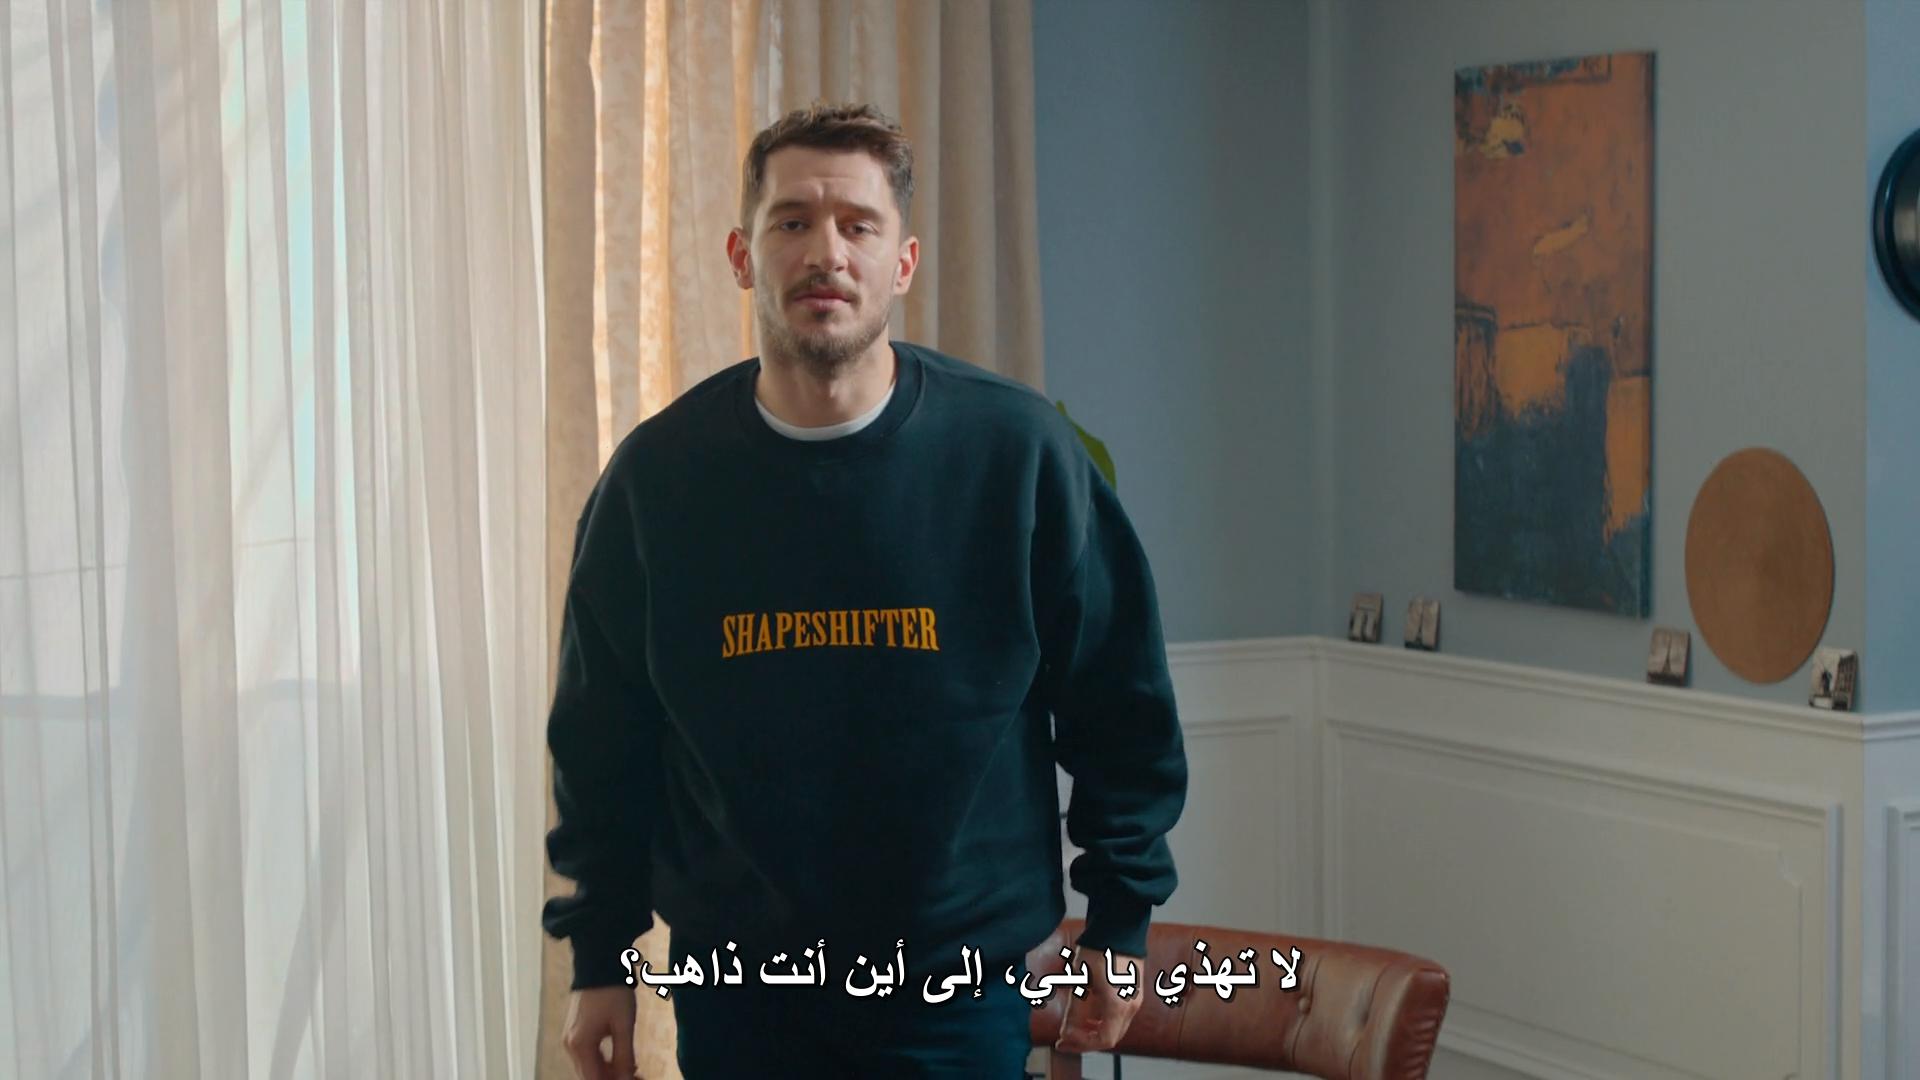 المسلسل التركي القصير نفس الشيء [م1 م2 م3][2019][مترجم][WEB DL][BLUTV][1080p] تحميل تورنت 20 arabp2p.com